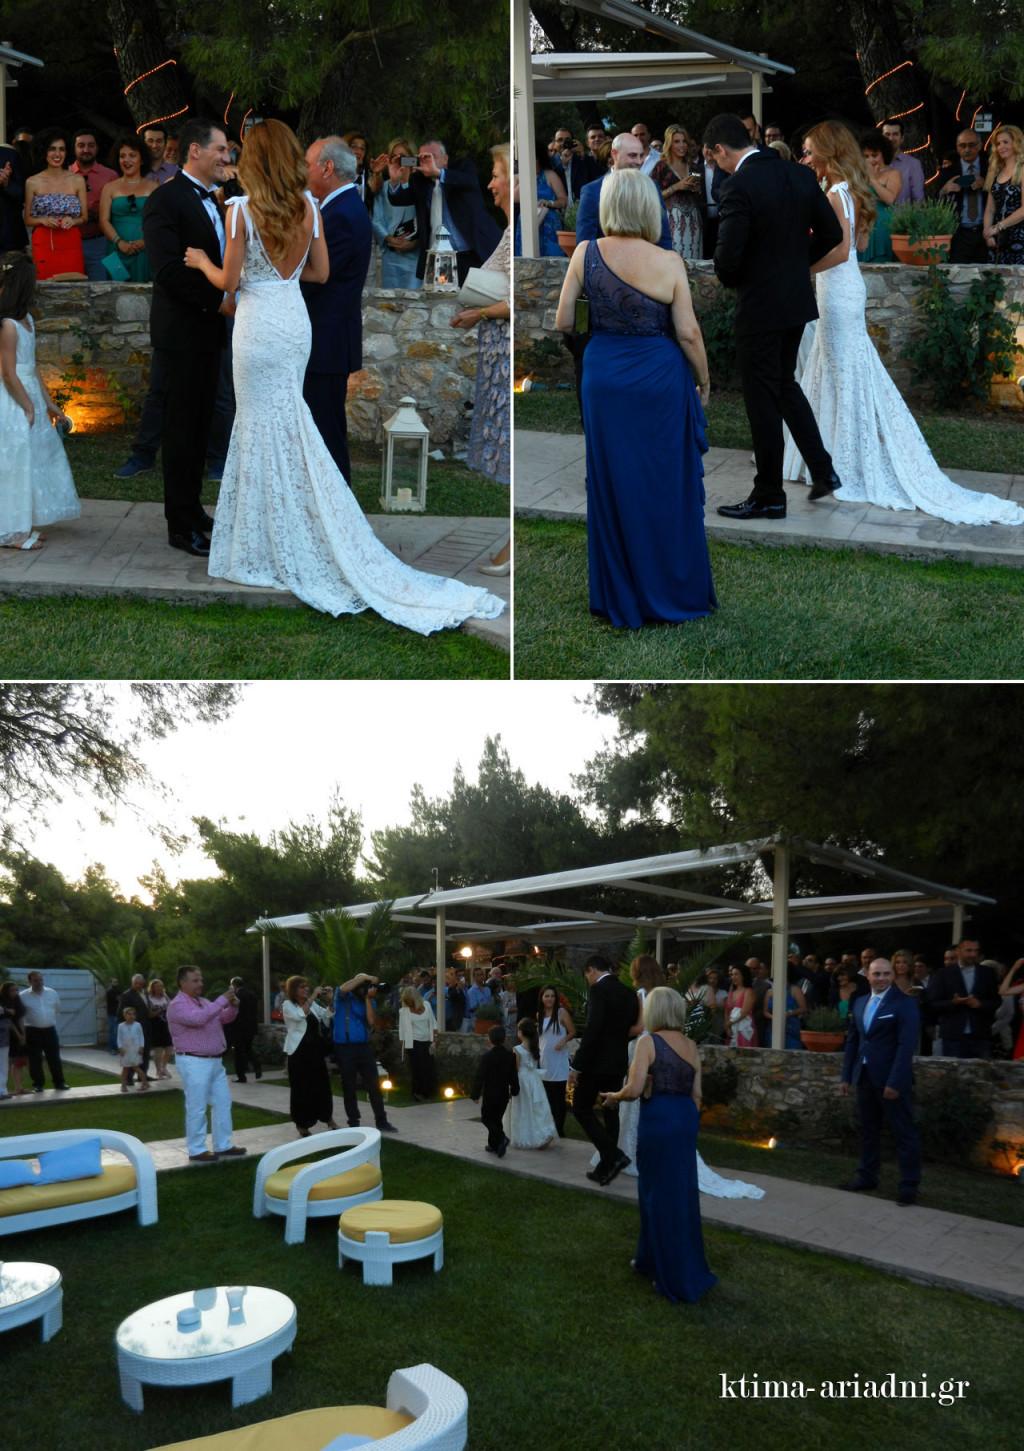 Ο πατέρας της νύφης παραδίδει συγκινημένος την κόρη του στον γαμπρό και οι δυο τους κατευθύνονται προς την εκκλησία